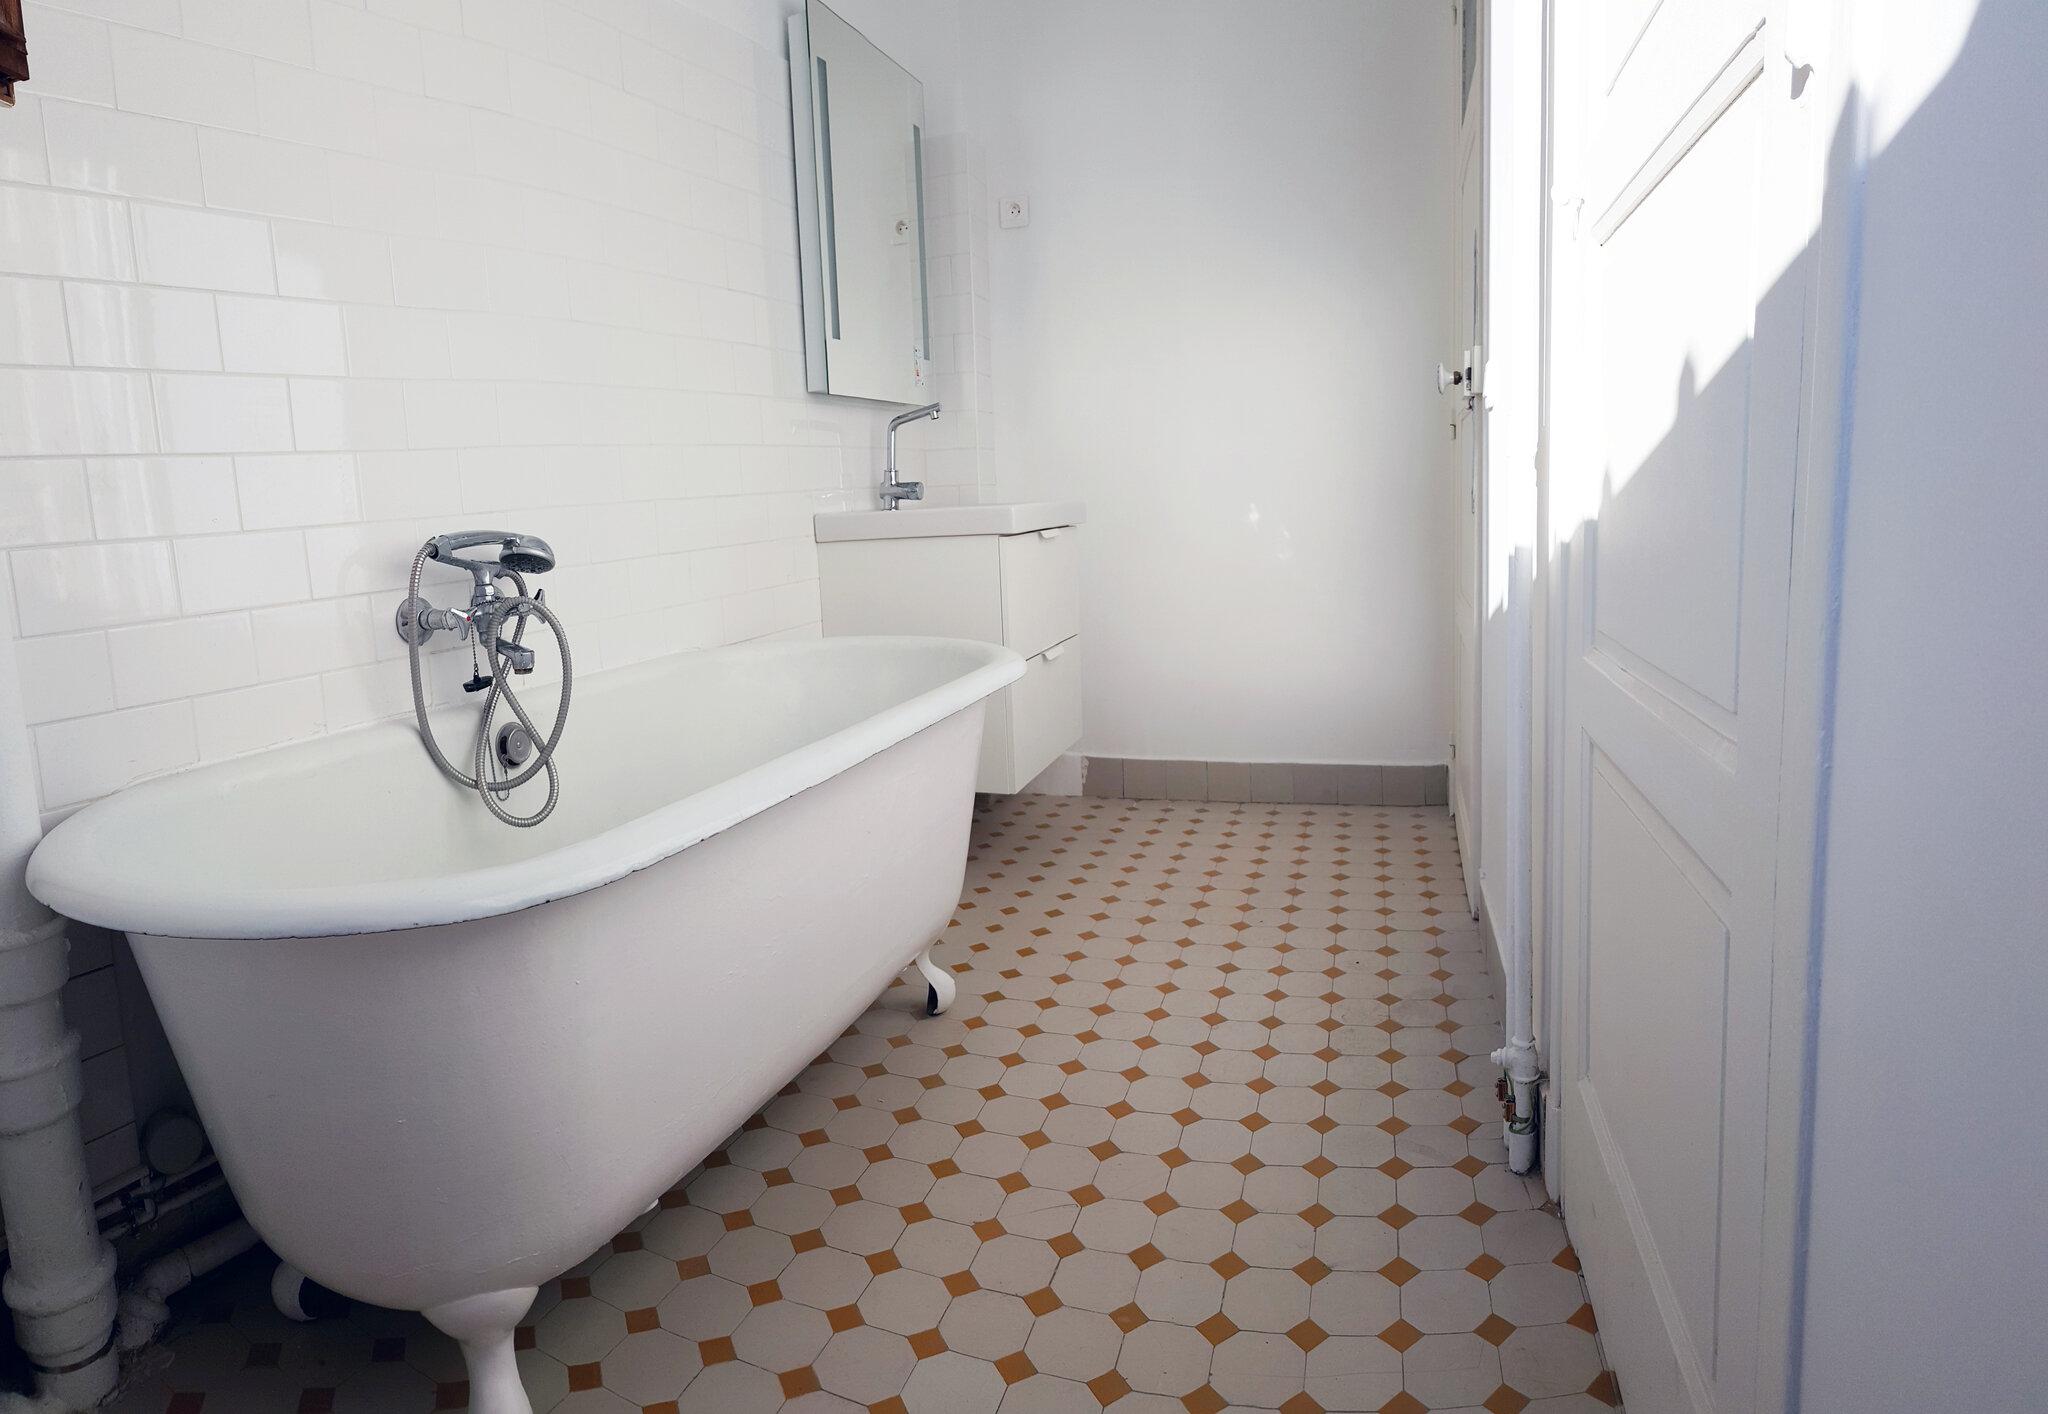 Salle de bain a vendre 4 pi ces de 94 2 m paris 19e for Salle de bain 94 jeu